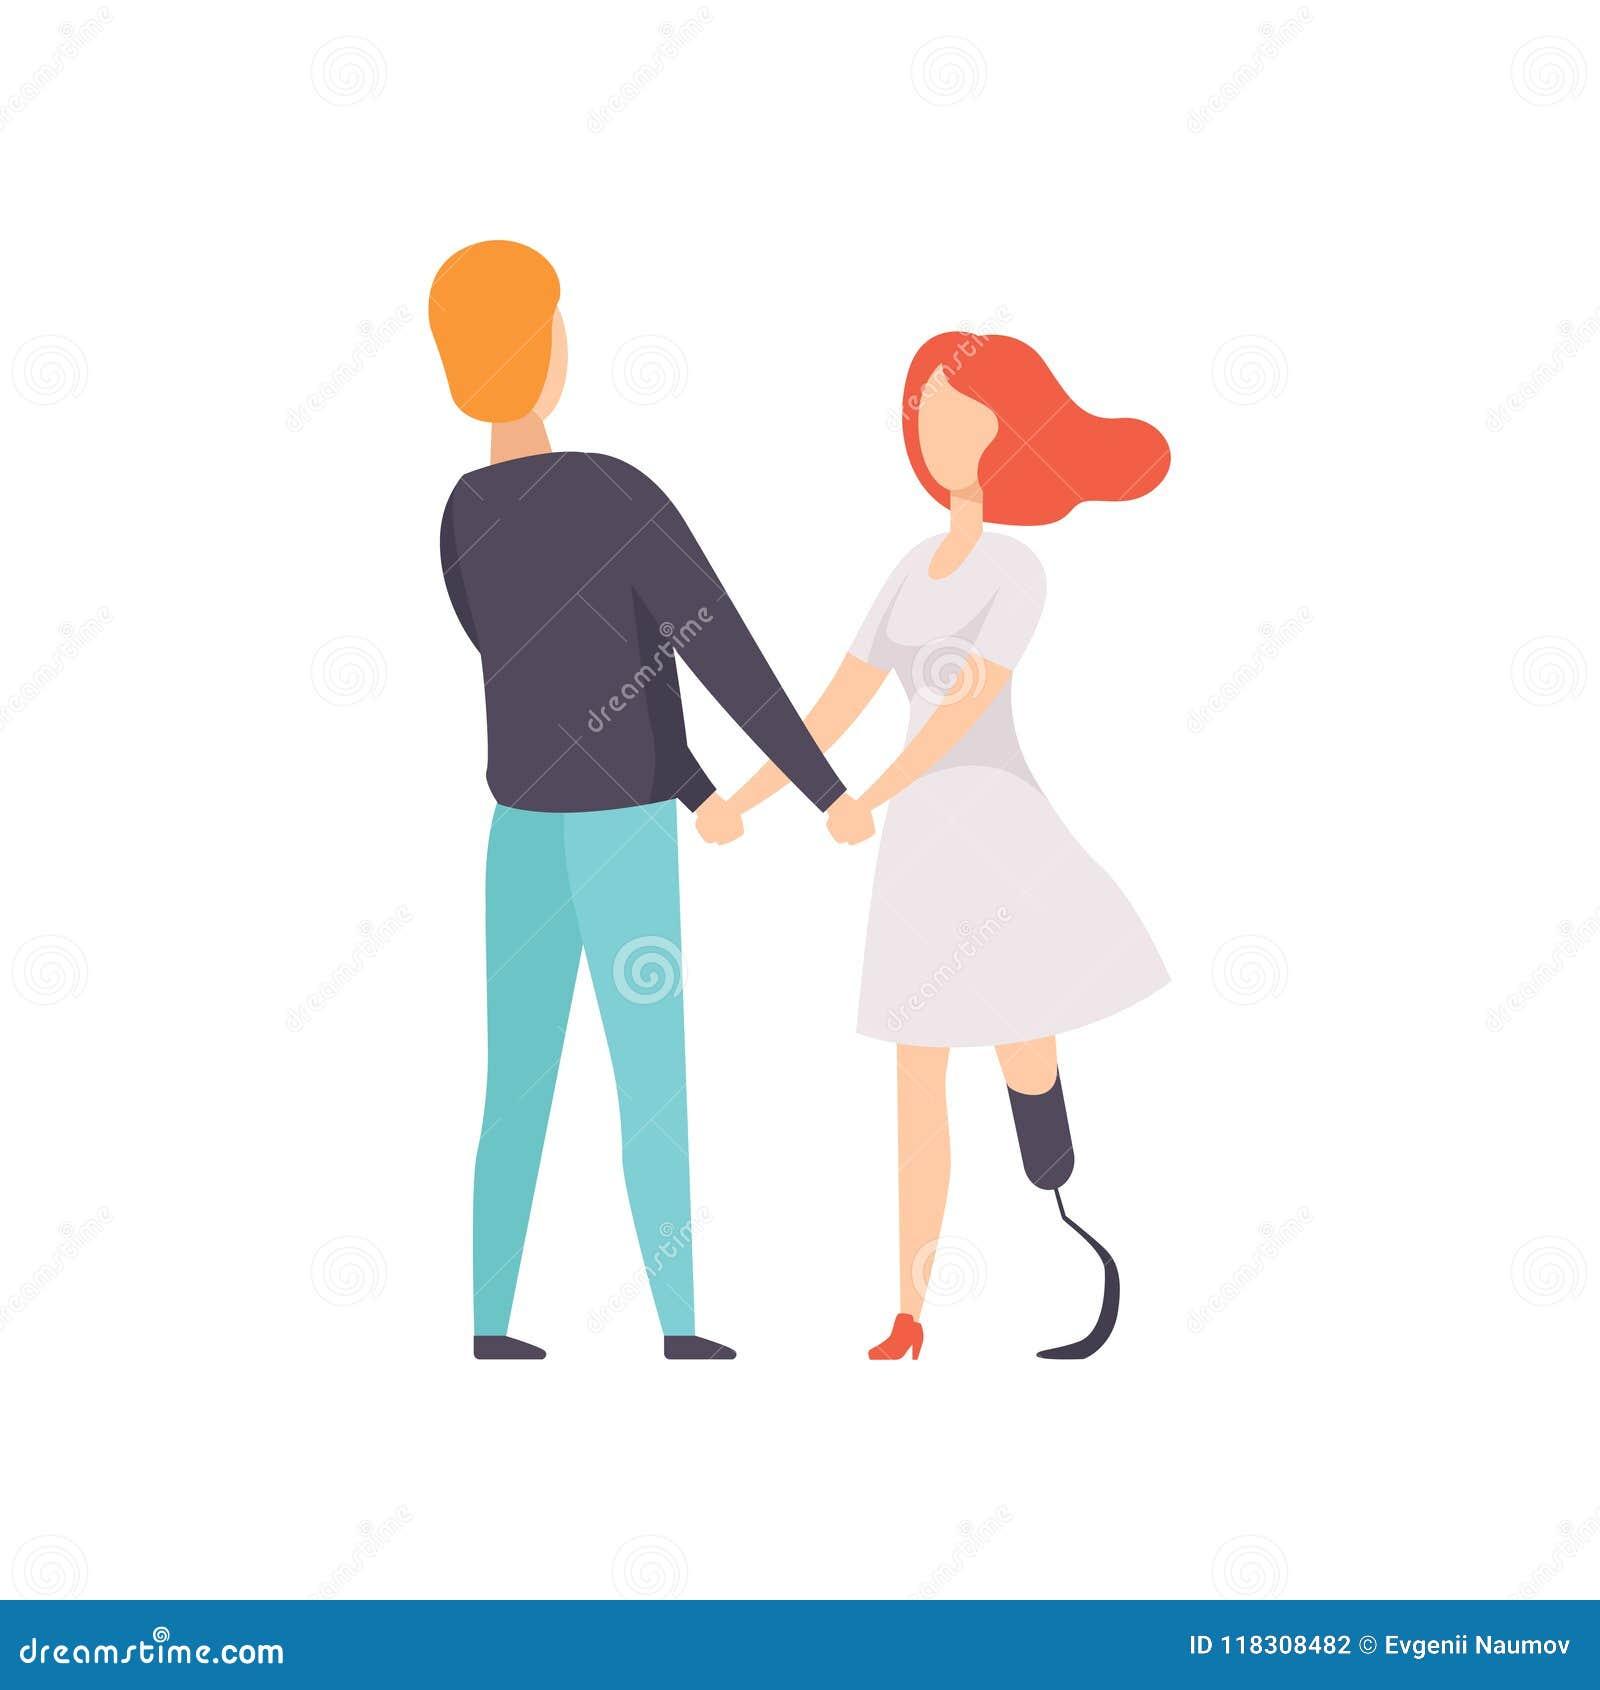 Junge Frau mit prothetischer Beinstellung und Händchenhalten mit ihrem Freund, Behinderter, der Vektor des vollen Lebens genießt